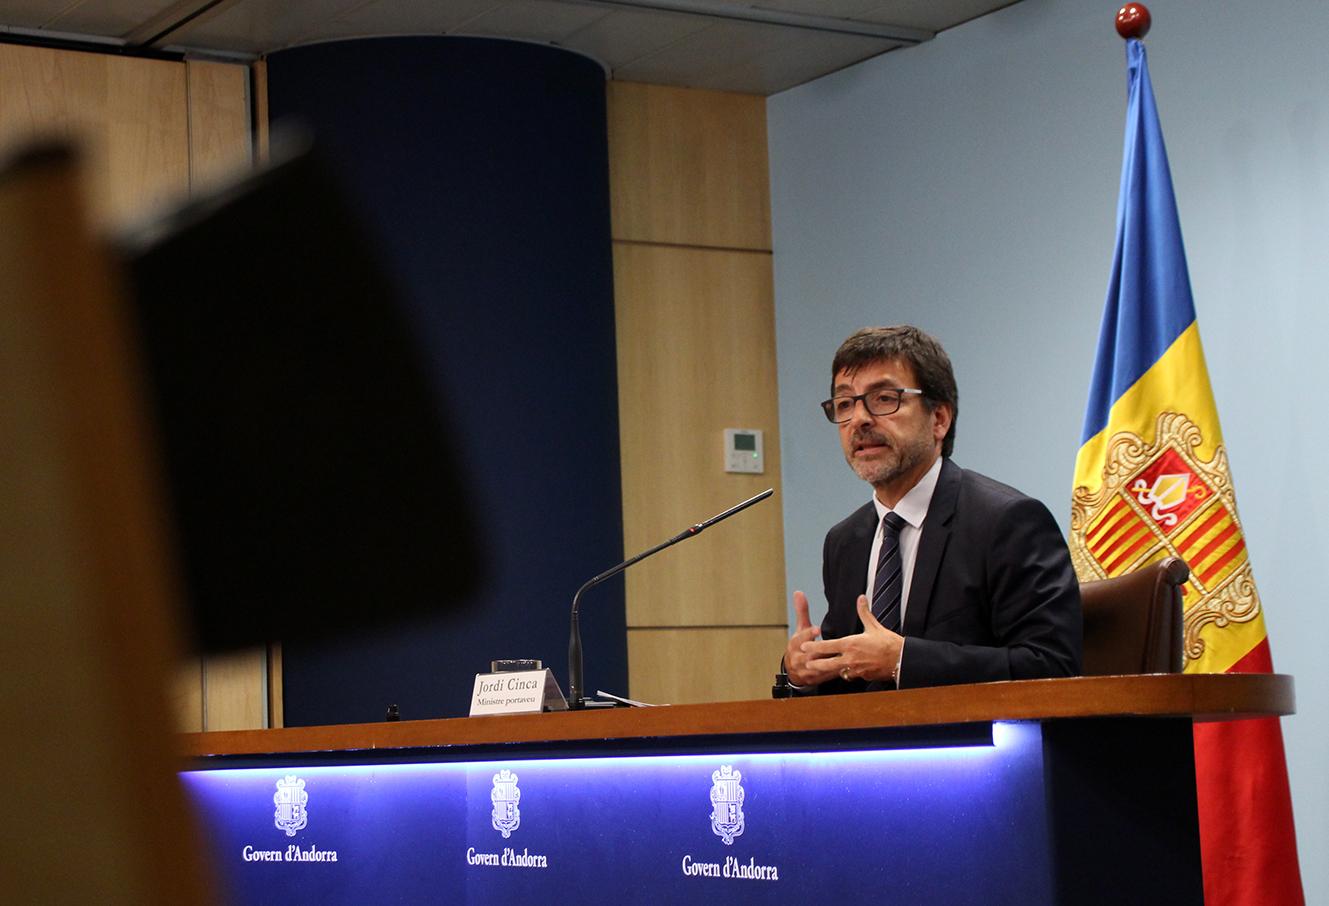 El ministre d'Afers Socials, Justícia i Interior, Xavier Espot, davant de les crítiques de la ciutadana en relació amb el preu mitjà del lloguer que el Govern va presentar el passat dimarts a la Comissió Nacional de l'Habitatge, ahir va reconèixer que «potser no vam saber-ho explicar prou bé» i va apressar-se a aclarir que la mitjana d'entre 540 i 587 euros que es va facilitar feia referència al preu dels lloguers de l'any 2017. Concretament, tal com va precisar el ministre Portaveu, Jordi Cinca, en la roda de premsa posterior al Consell de Ministres, aquelles dades sorgien d'una enquesta que es fa anualment per saber amb què es gasten els diners dels pressupostos familiars i quina part es destina a pagar el lloguer. Espot va assegurar que «el que es va presentar són estudis objectius i acurats que han fet tècnics i que, per tant, no tenen cap finalitat política de minimitzar la situació de l'habitatge que es viu en l'actualitat». Tot i així, va voler tranquil·litzar la població admetent que «nosaltres no donem per bones aquestes dades com a mitjanes dels lloguers actuals i encara menys dels increments que s'estan aplicant». Tot contextualitzant les xifres que han generat tanta polèmica, el ministre Portaveu va indicar que l'estudi d'on provenen només té en consideració les famílies assentades al país, en cap cas els temporers, i compta amb una mostra de 426 enquestats. «És suficientment significativa perquè sigui una dada força fiable», va sostenir Cinca en tot moment. Espot, no obstant, va subratllar que «volem millorar la fiabilitat d'aquestes dades a través de la Comissió de l'Habitatge». Induir a l'engany L'anunci d'uns preus molt allunyats de la realitat va derivar en crítiques molt contundents i majoritàriament en el mateix sentit. El raonador del ciutadà, Marc Vila, va apuntar que «aquestes primeres dades tenen poc valor i poden portar a l'engany perquè divergeixen molt de la situació actual». De fet, va precisar que hi ha dos elements distorsionadors. «L'es